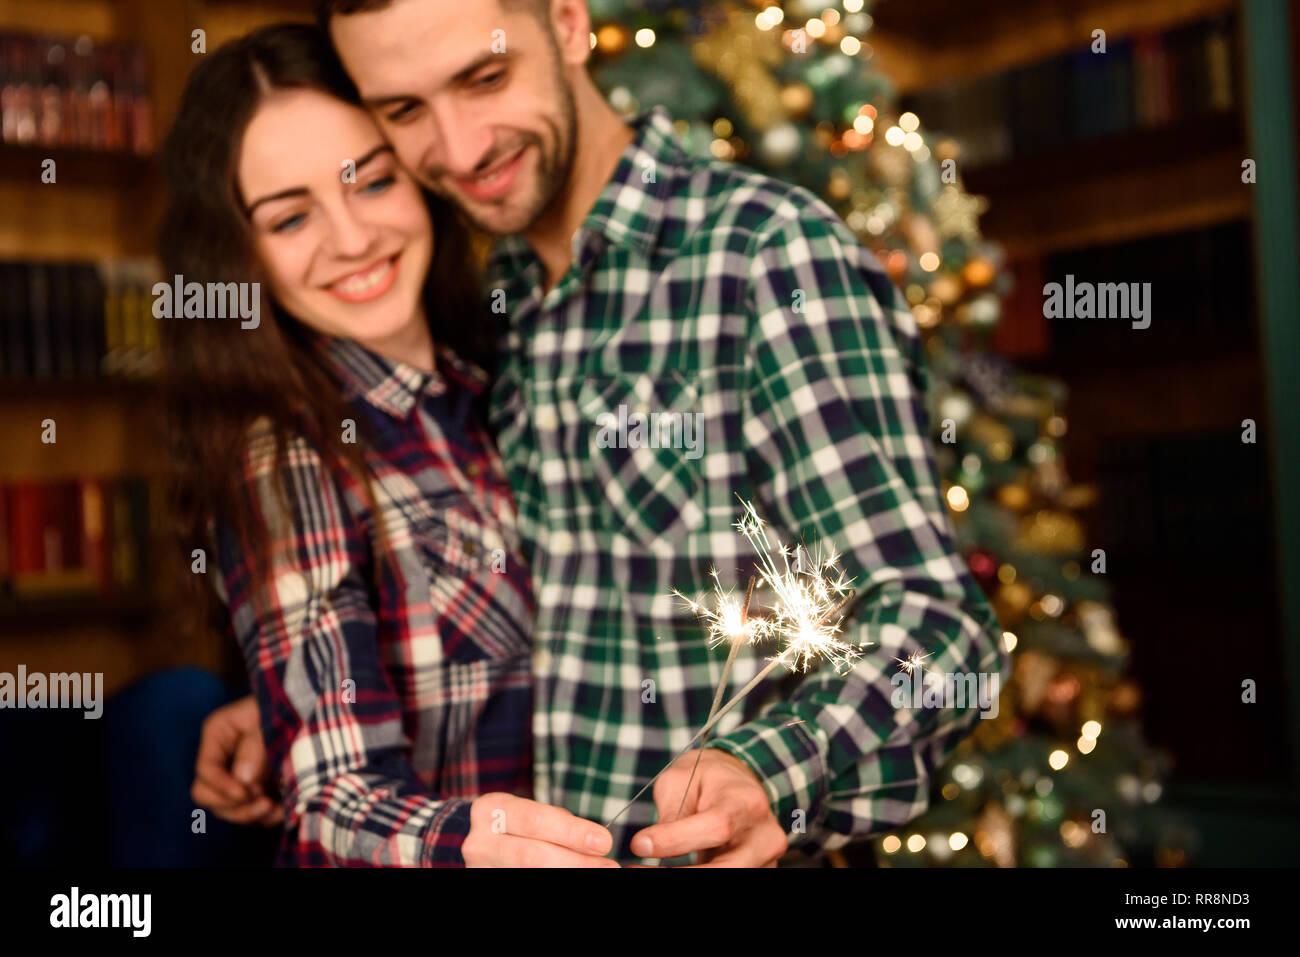 Kisser hermosa joven y la quema de estrellitas. Pareja amorosa en habitación de decoración de Navidad. Imagen De Stock